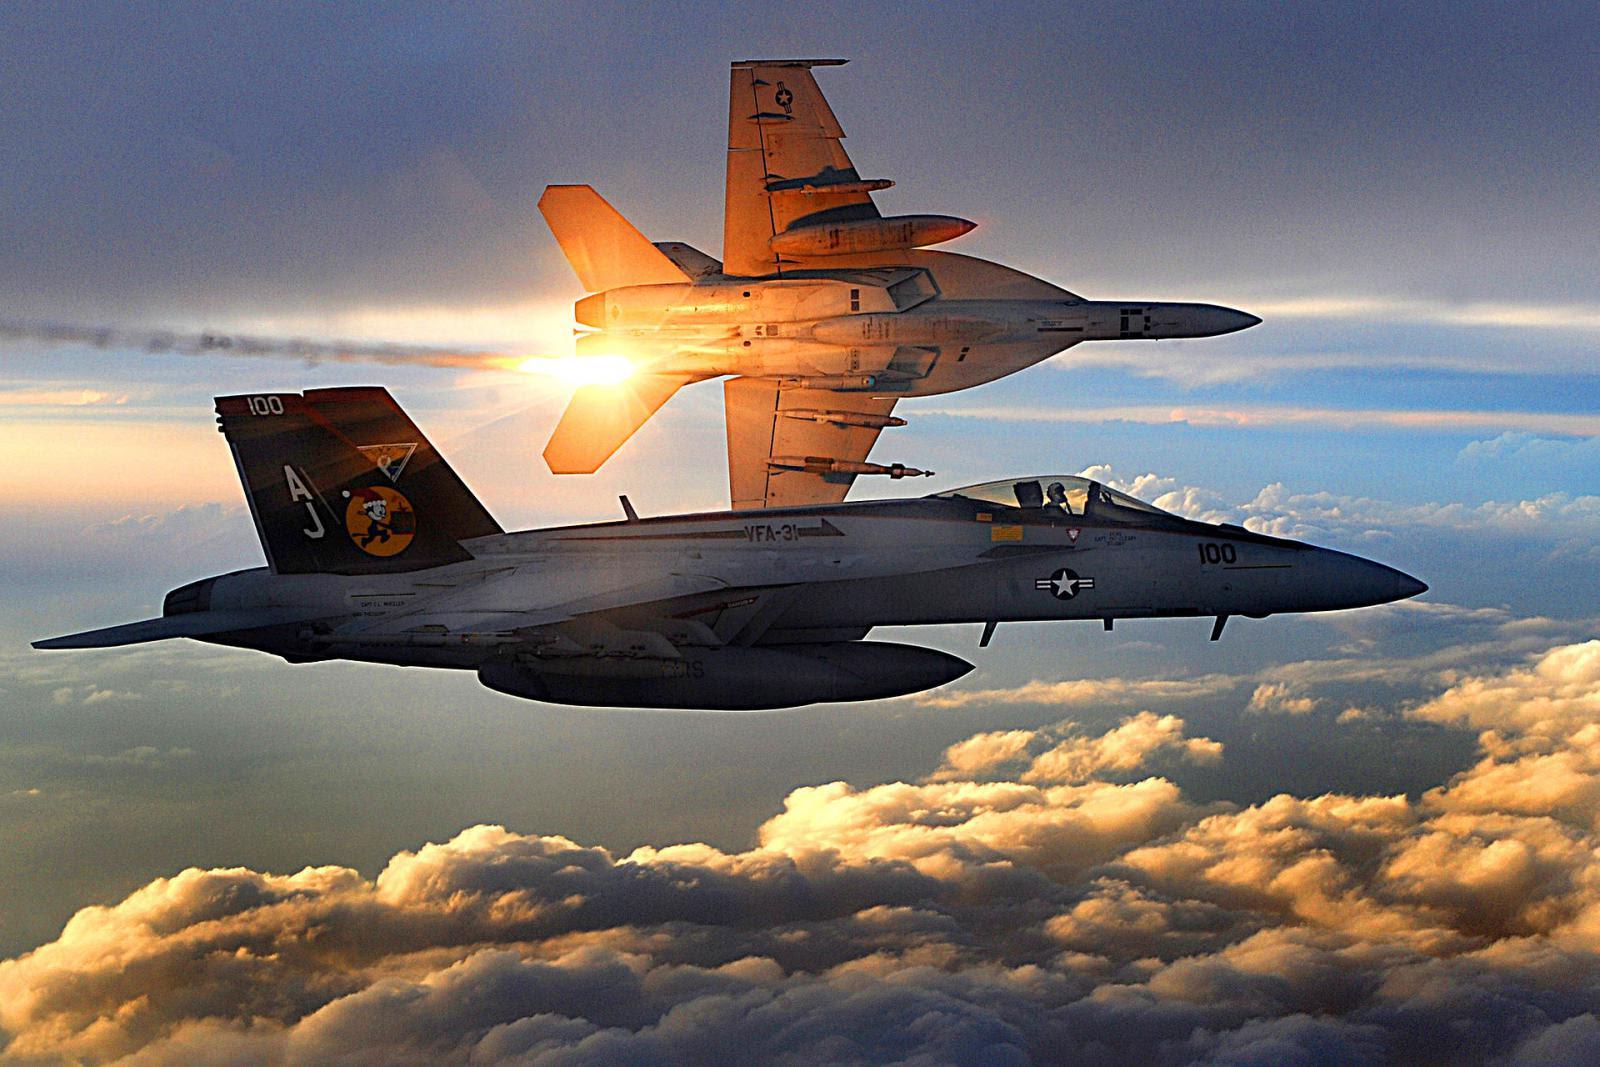 CF-18 hornets